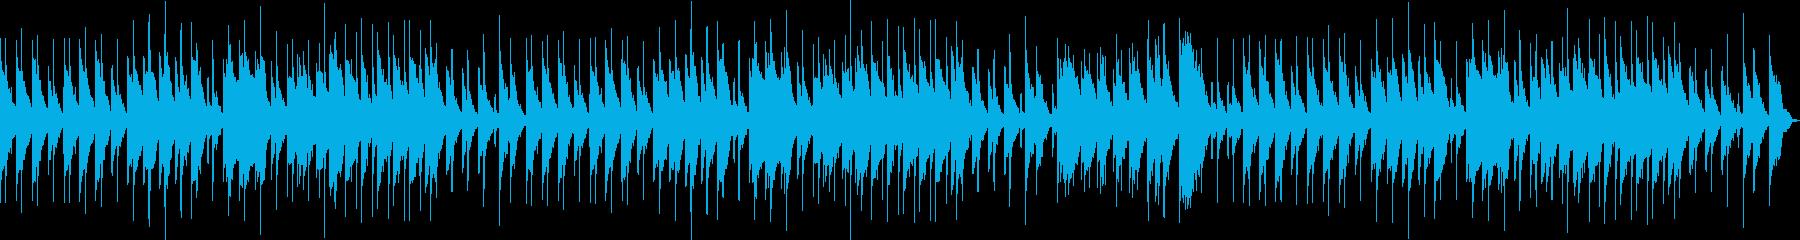 退廃的な雰囲気の曲の再生済みの波形